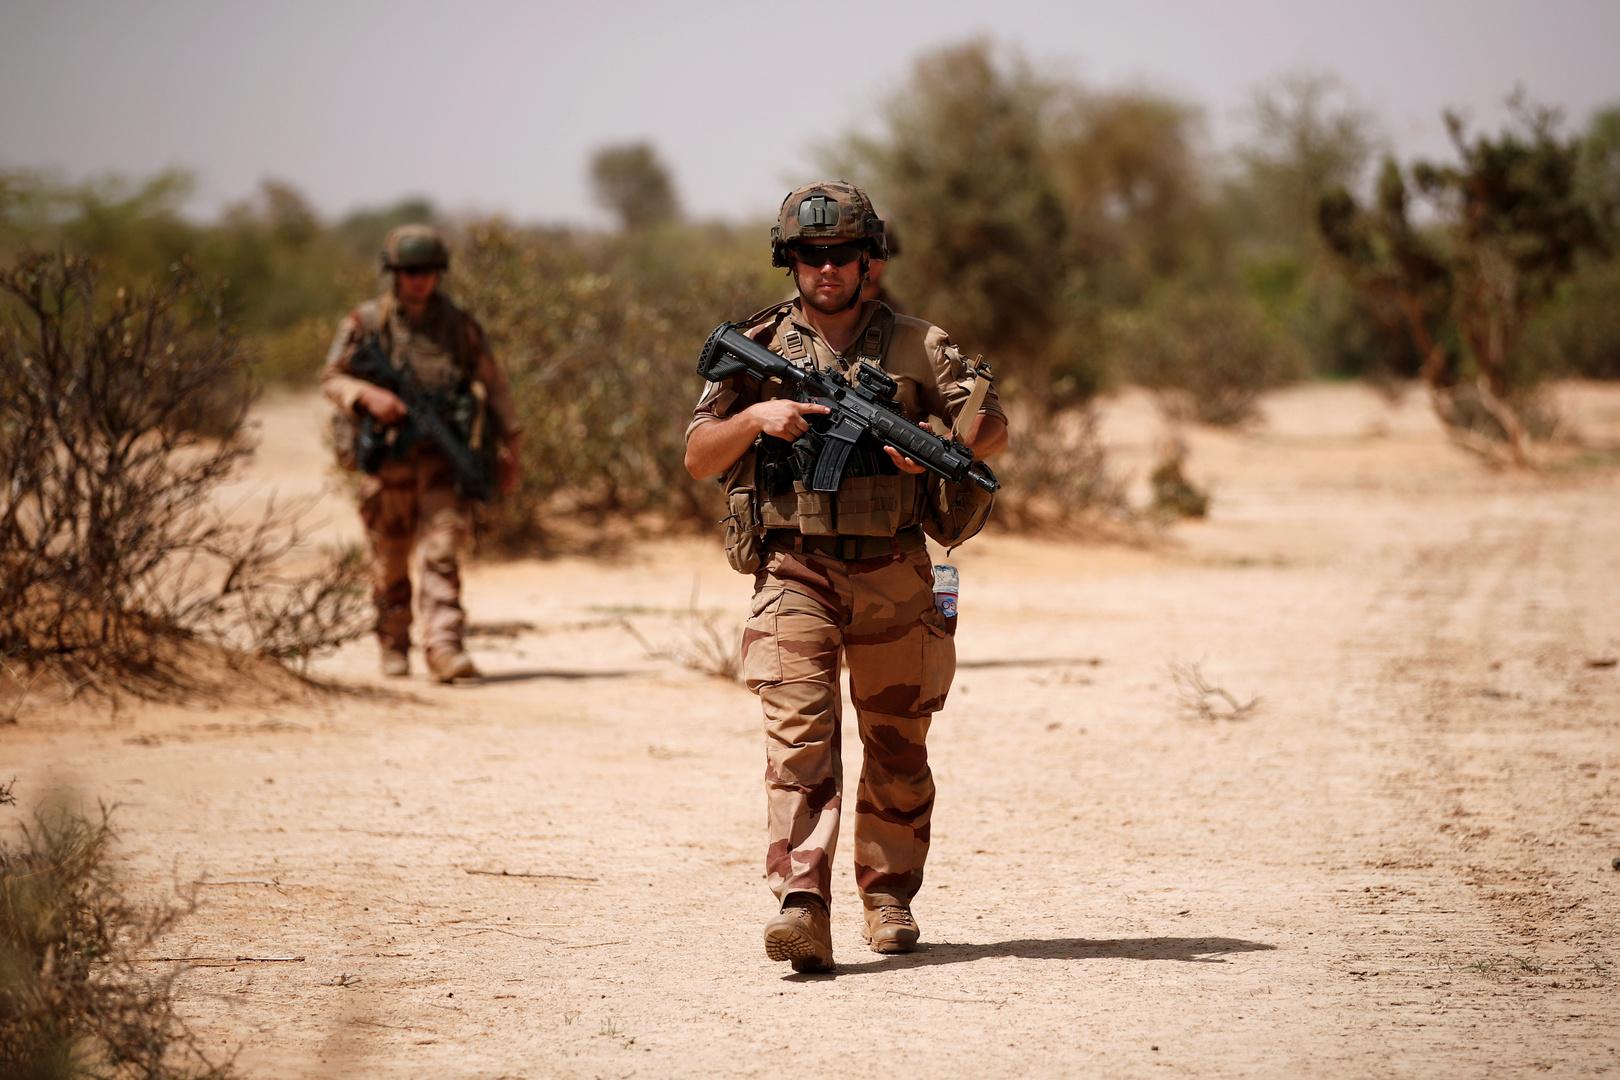 الجيش الفرنسي: مقتل أكثر من 30 متشددا إسلاميا في مالي خلال 3 عمليات منفصلة يومي الخميس والجمعة